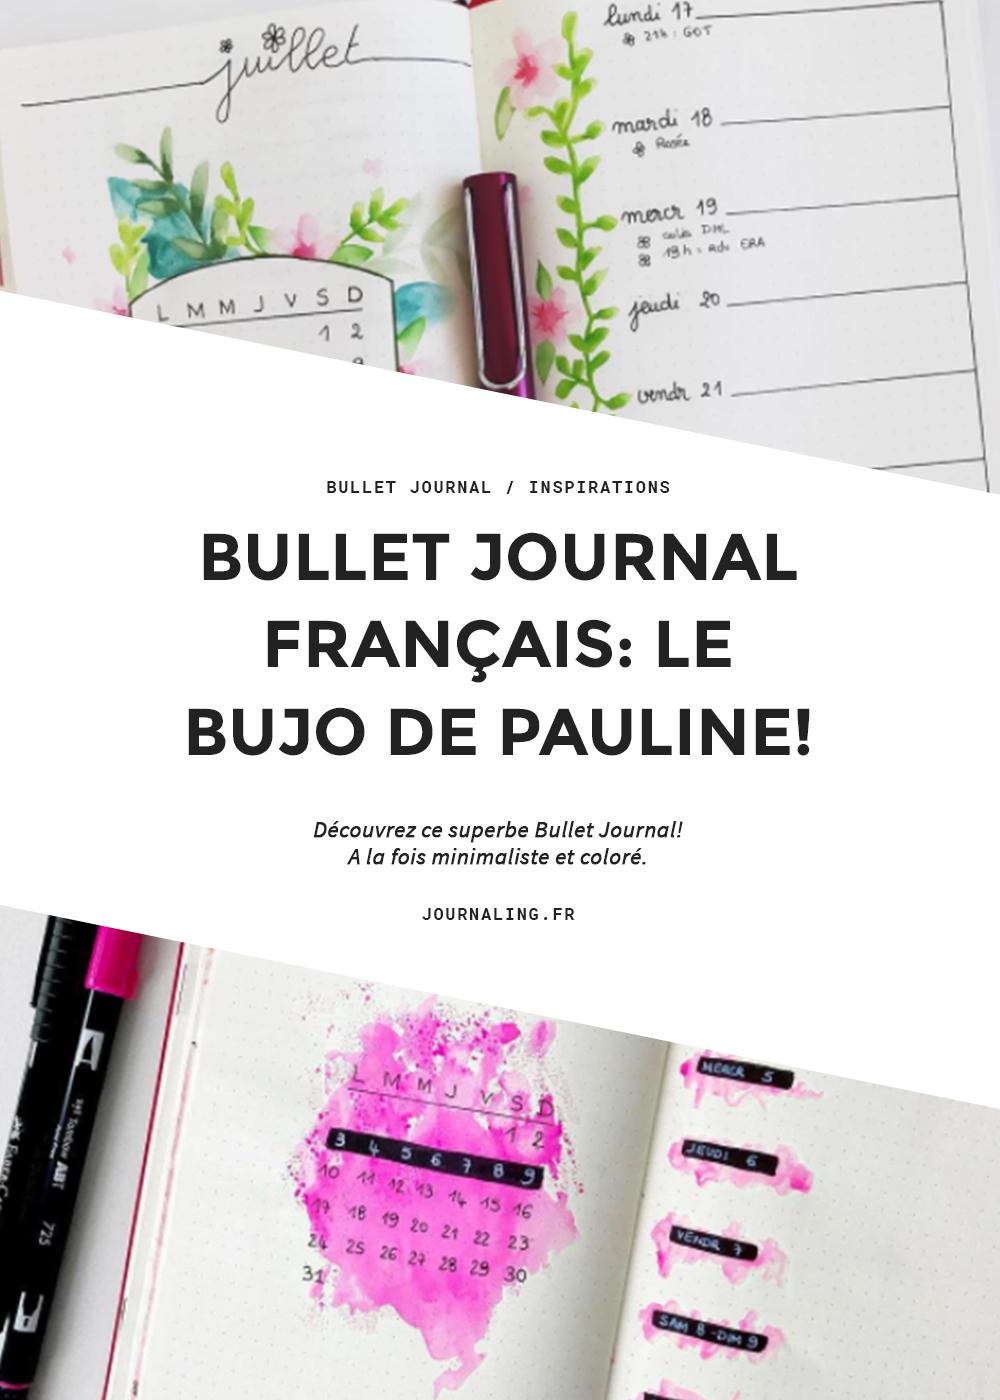 Bullet Journal français: le Bujo de Pauline